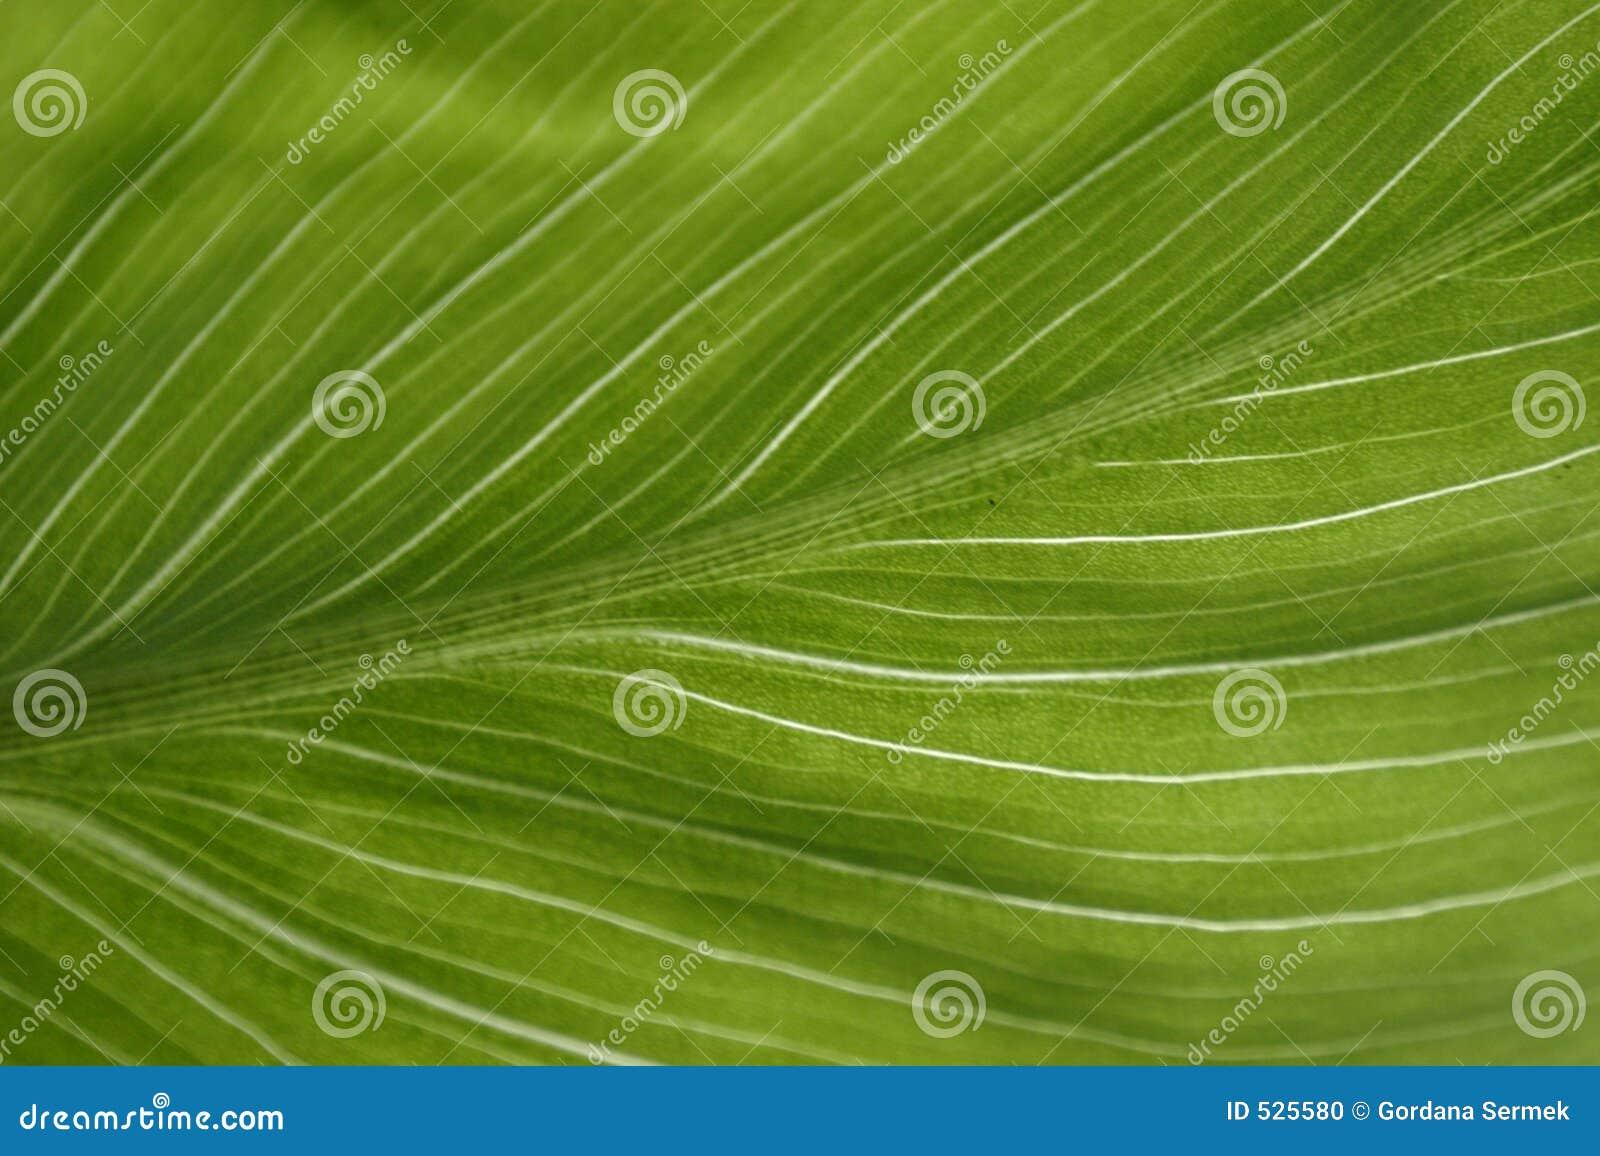 Download 绿色叶子 库存照片. 图片 包括有 绿色, 颜色, 电池, 植物群, 玻色子, 数据条, 五颜六色, 工厂, 有机 - 525580